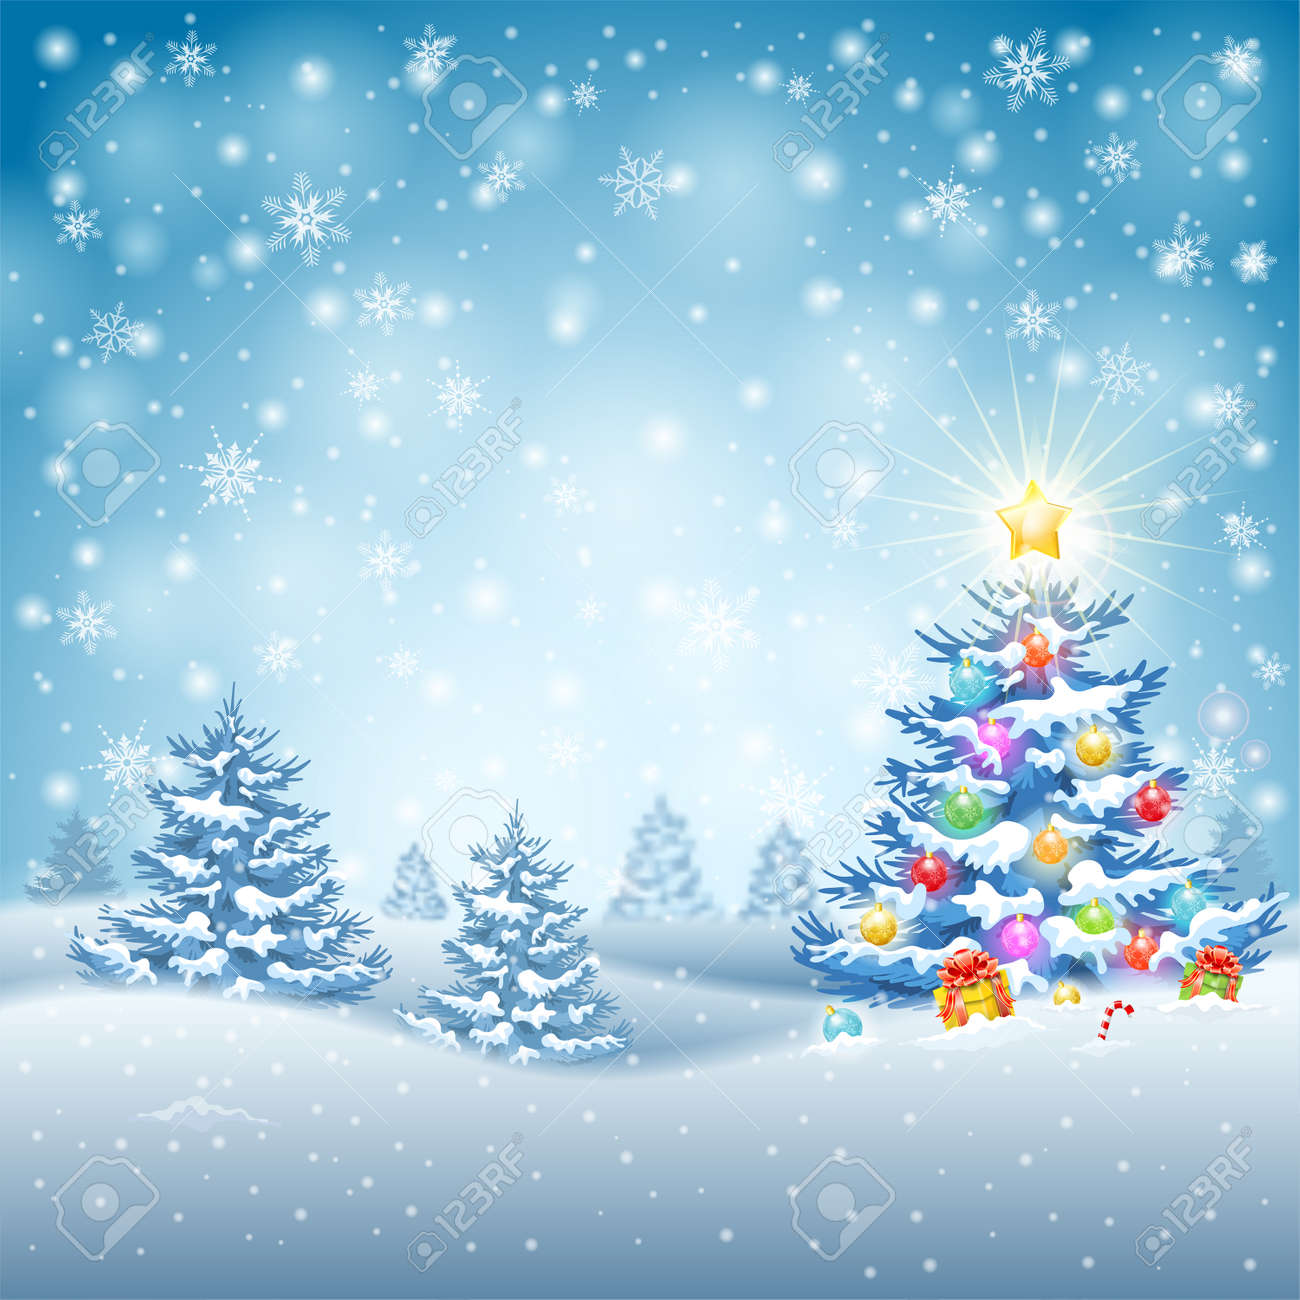 Hintergrund Weihnachten Mit Baum, Kugeln, Geschenke, Süßigkeiten Und ...